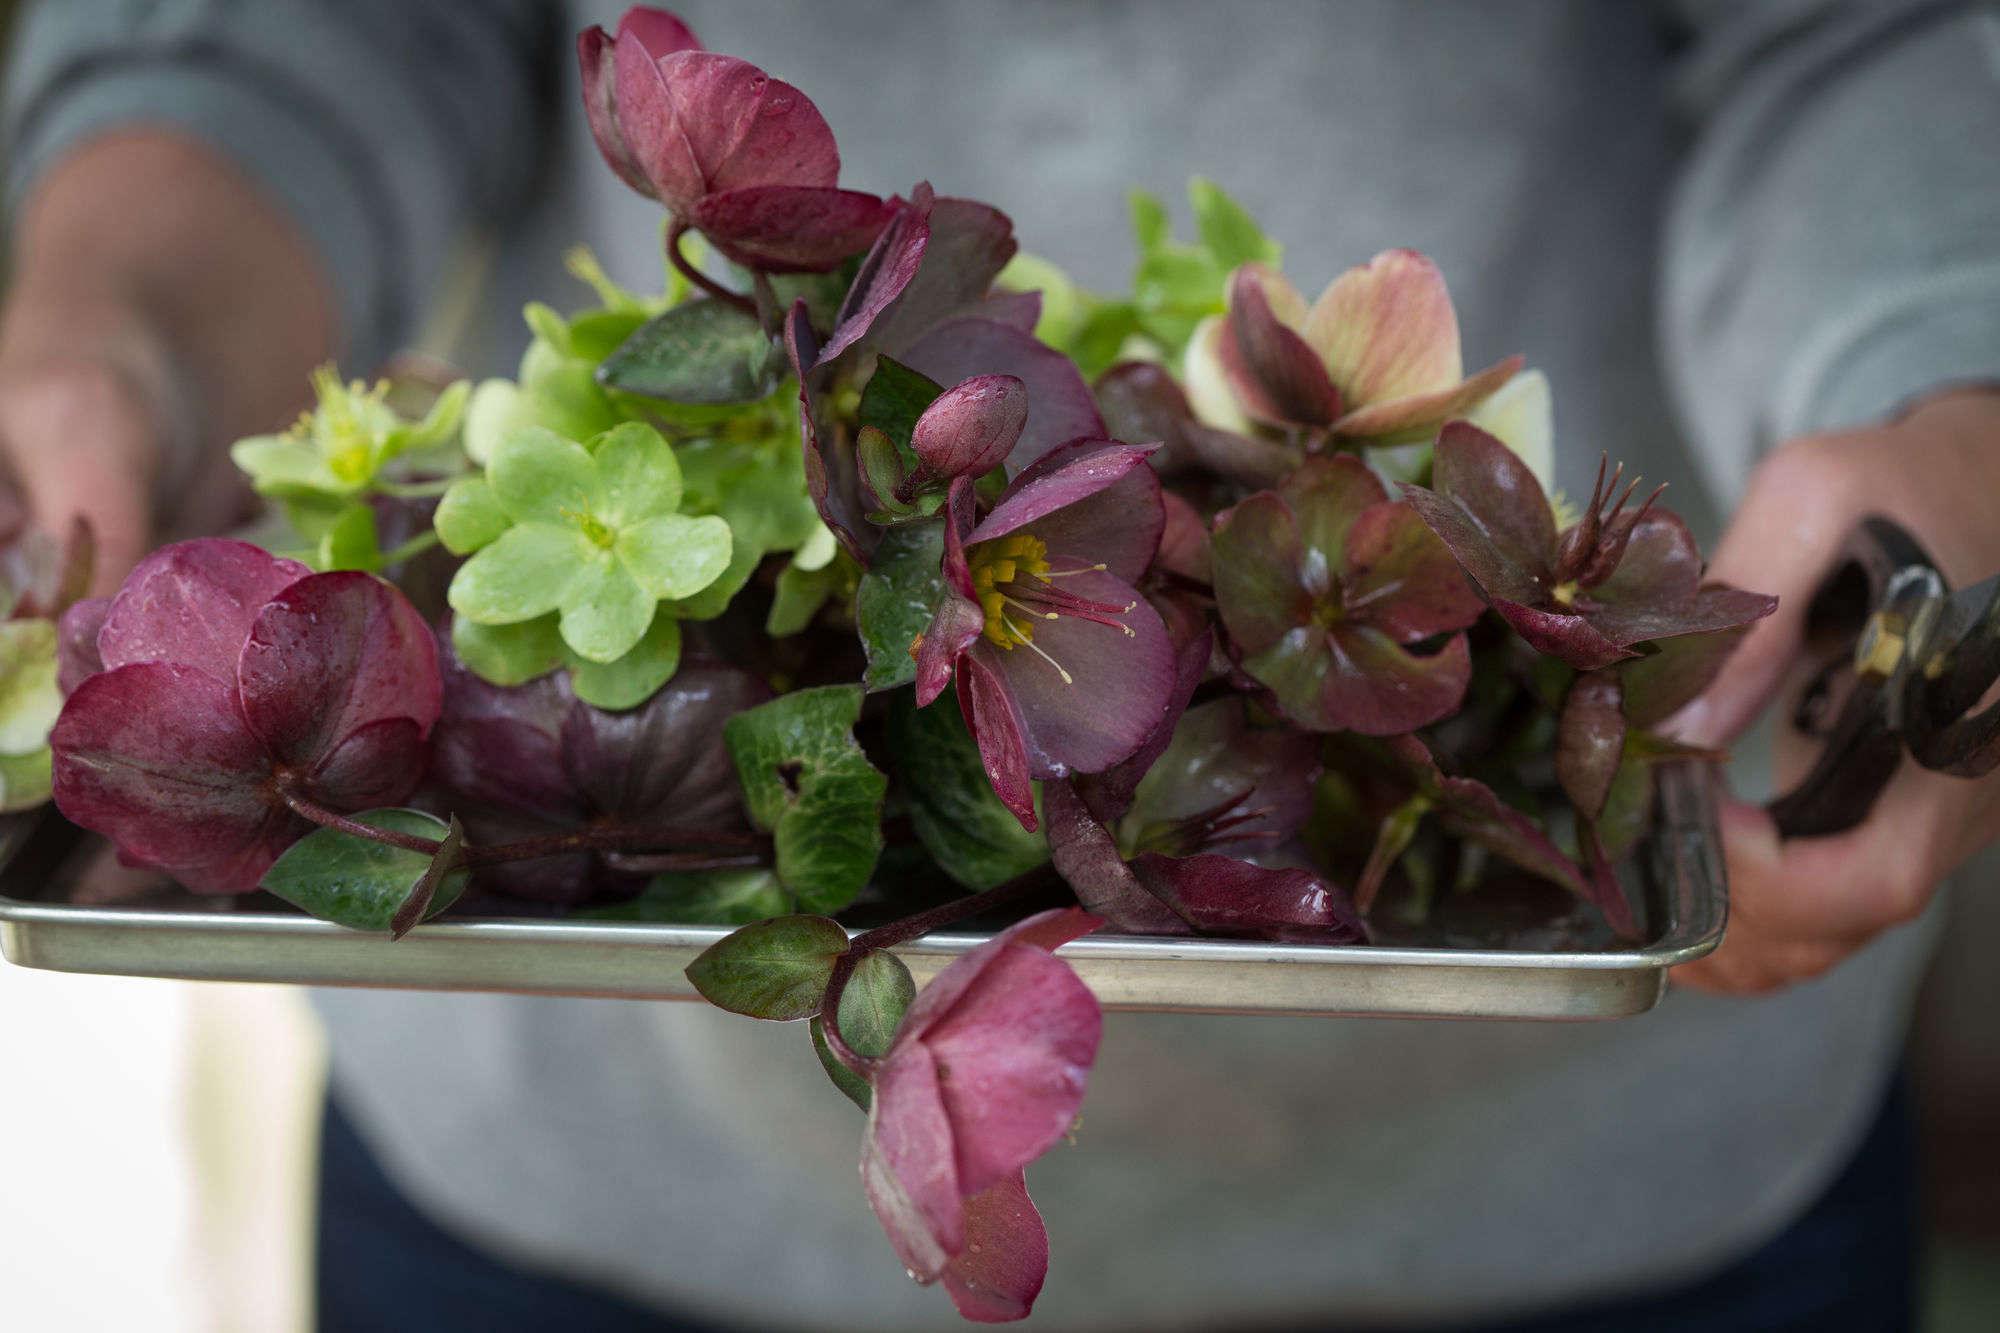 Floral Arrangement Pictures browse floral arrangements - gardenista